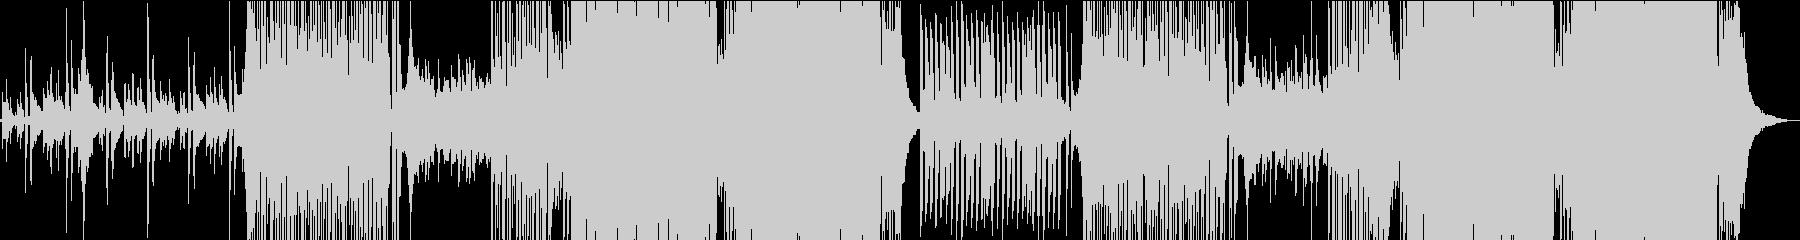 アコギとFuture Bassの和風楽曲の未再生の波形